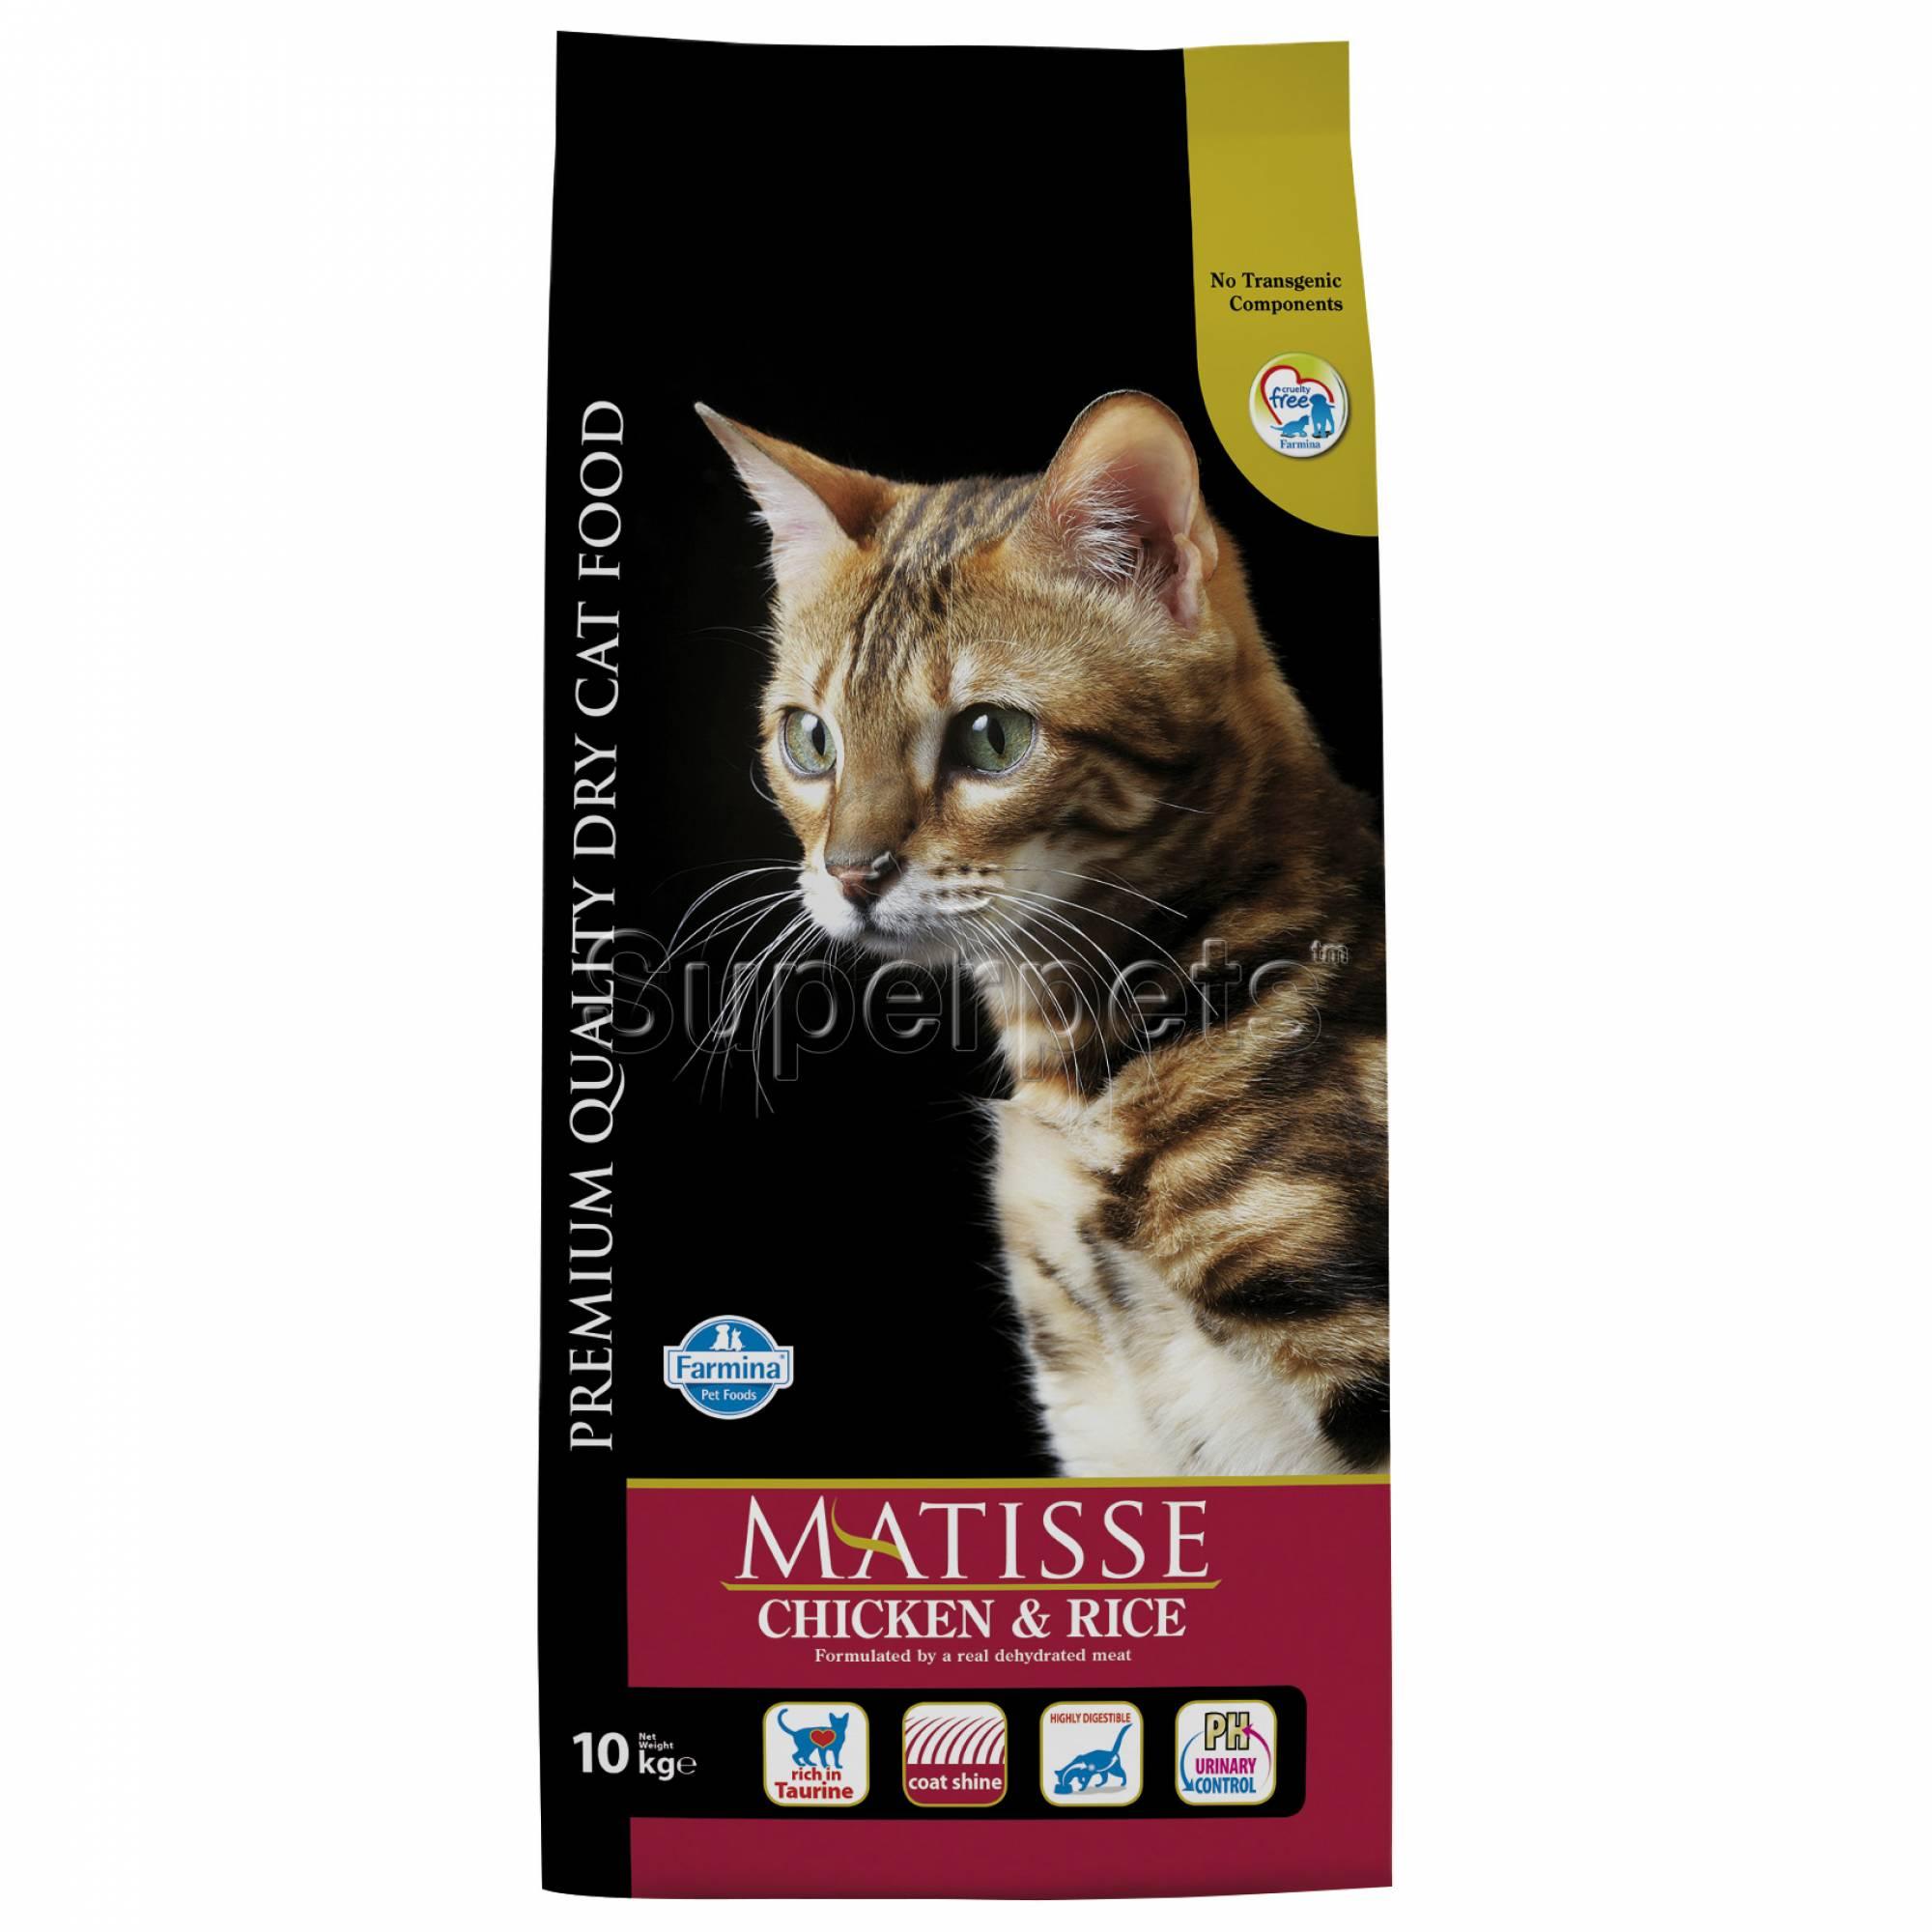 Matisse - Feline Adult - Chicken & Rice 10kg